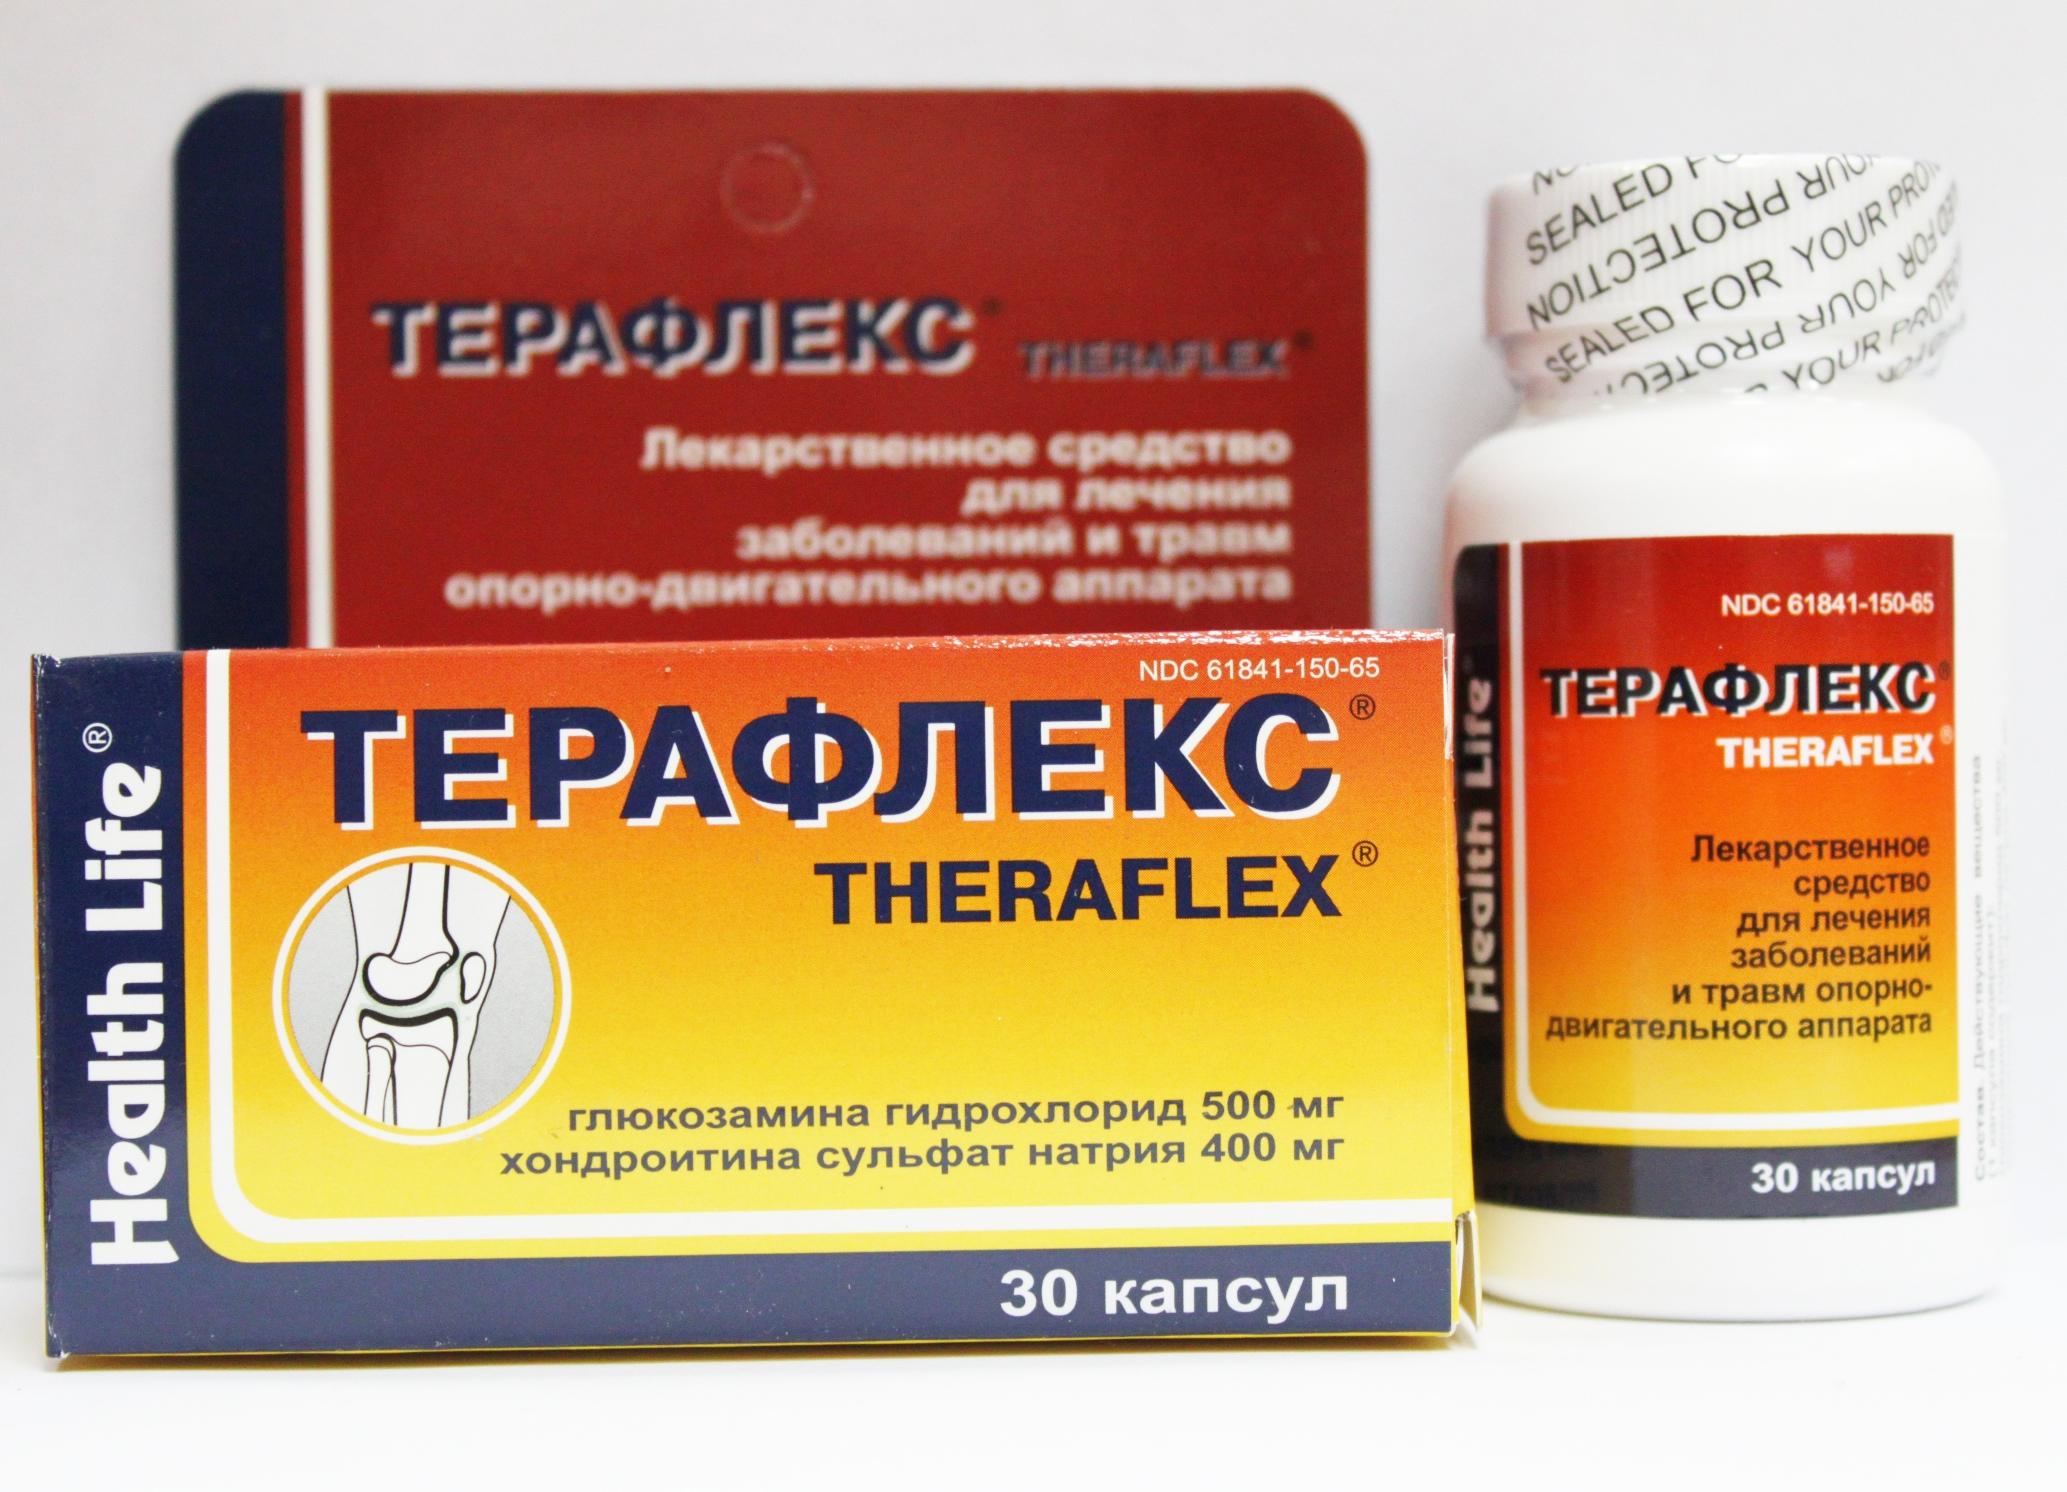 препараты гиалуроновой кислоты для внутрисуставного введения при артрозе